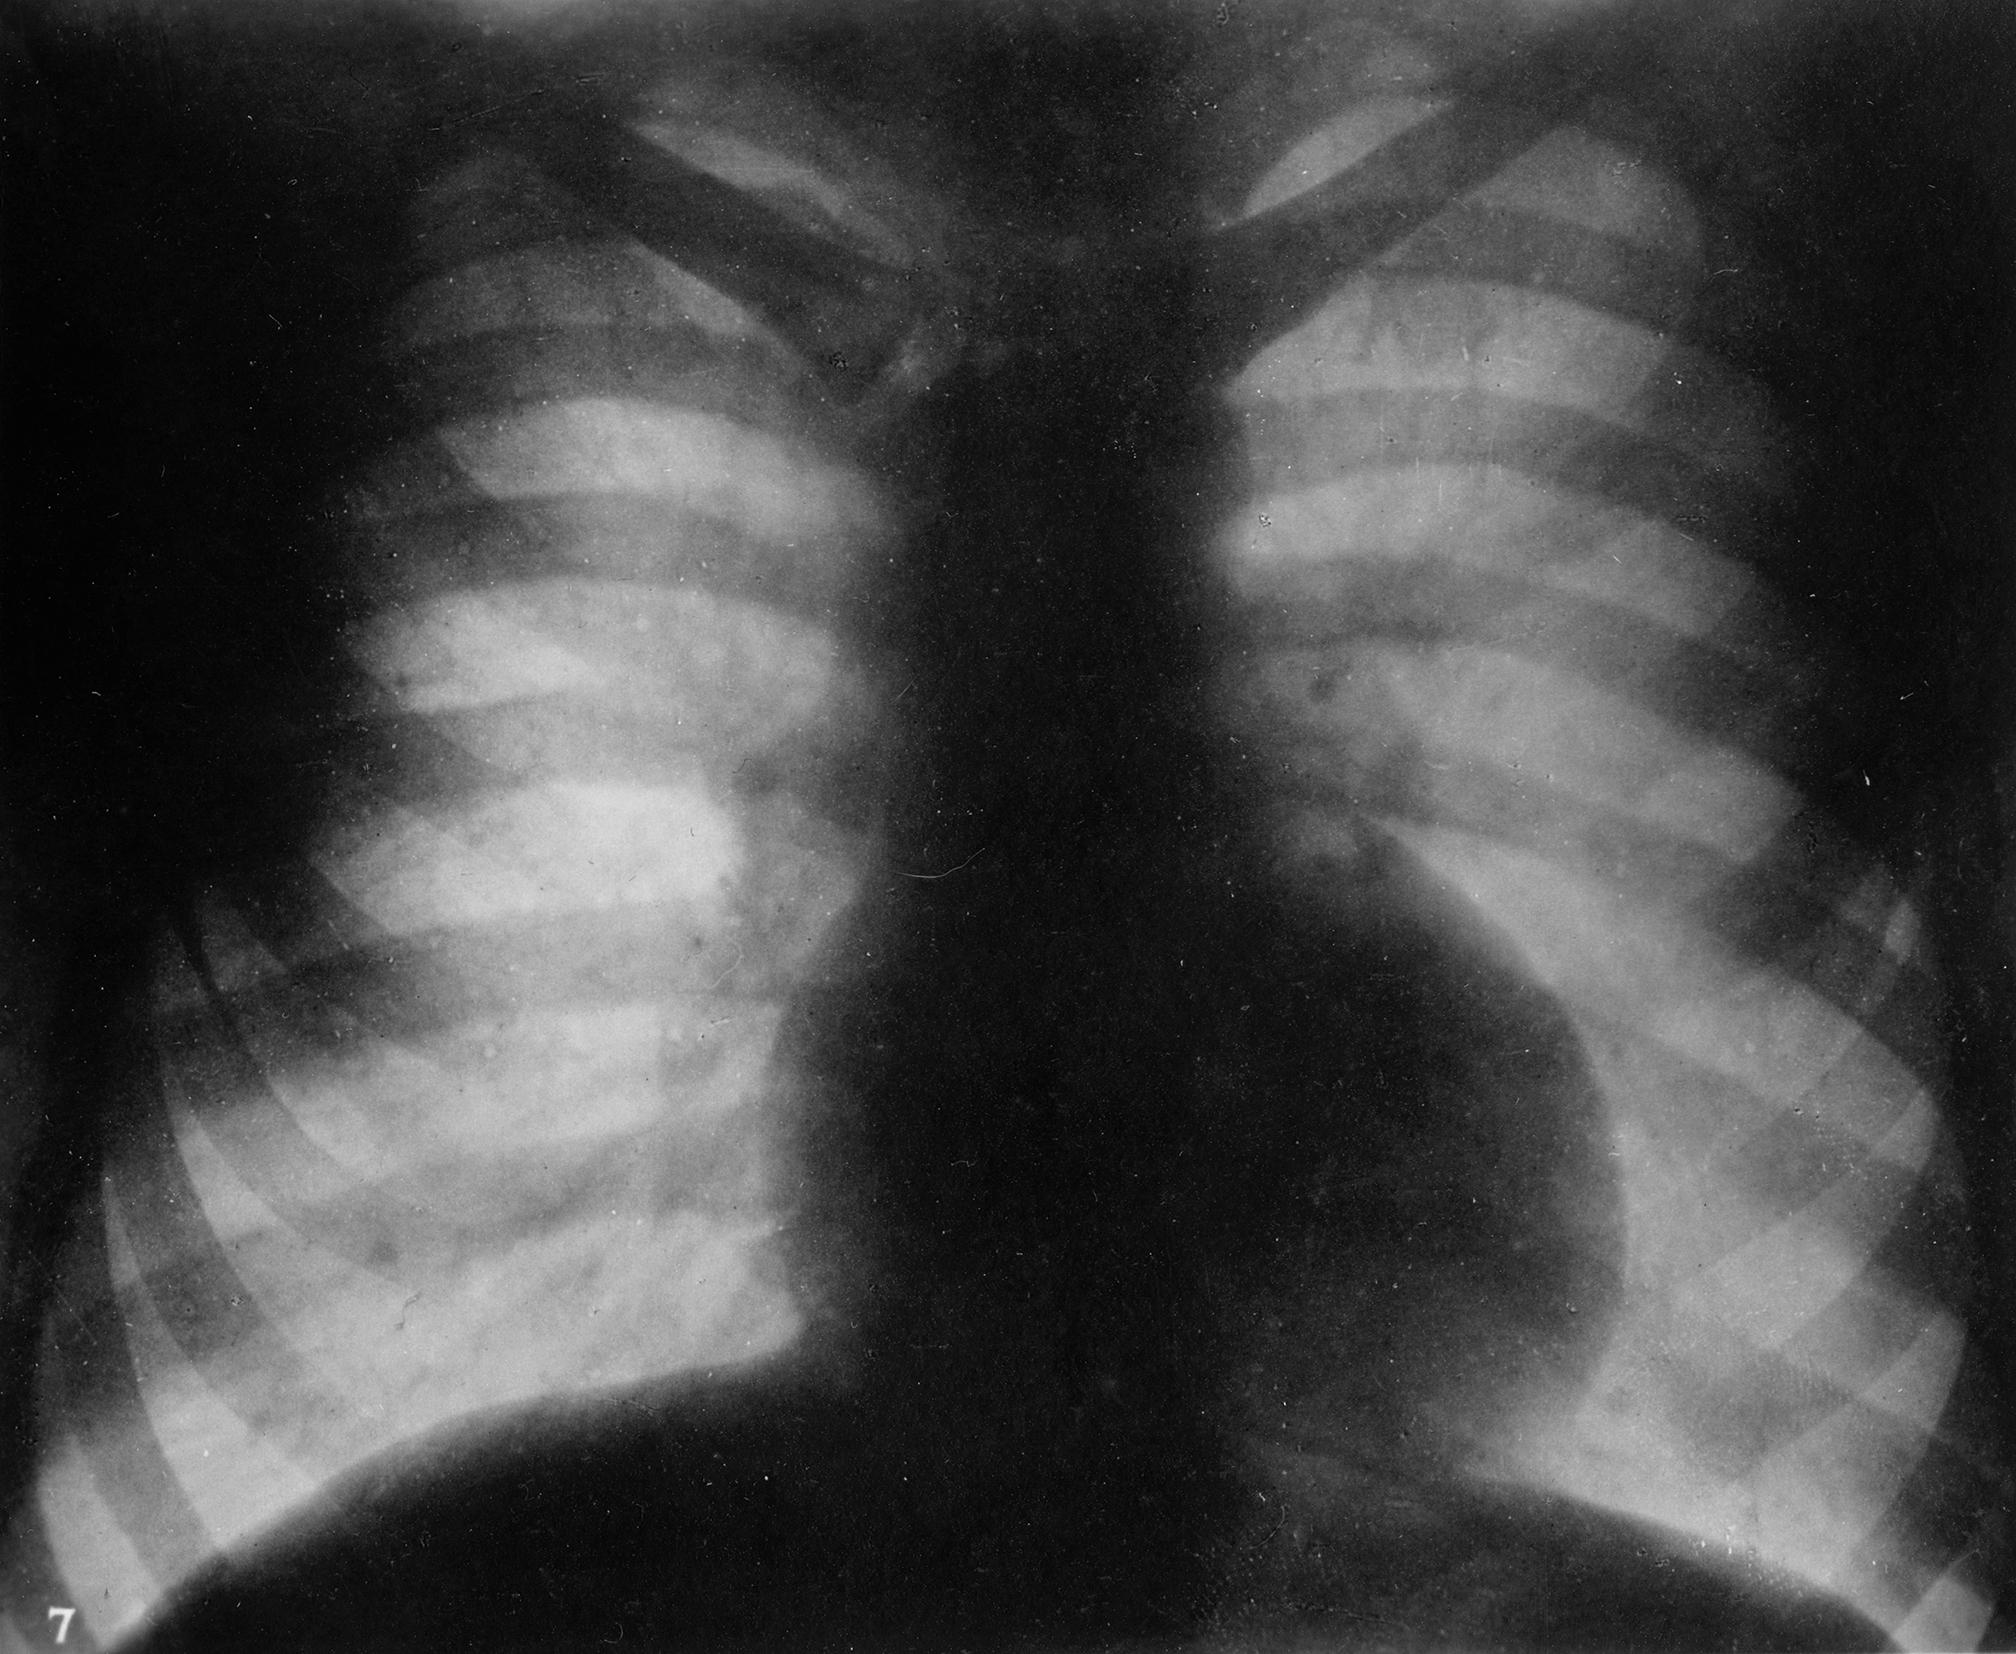 Röntgenbild eines Torsos mit Herz.